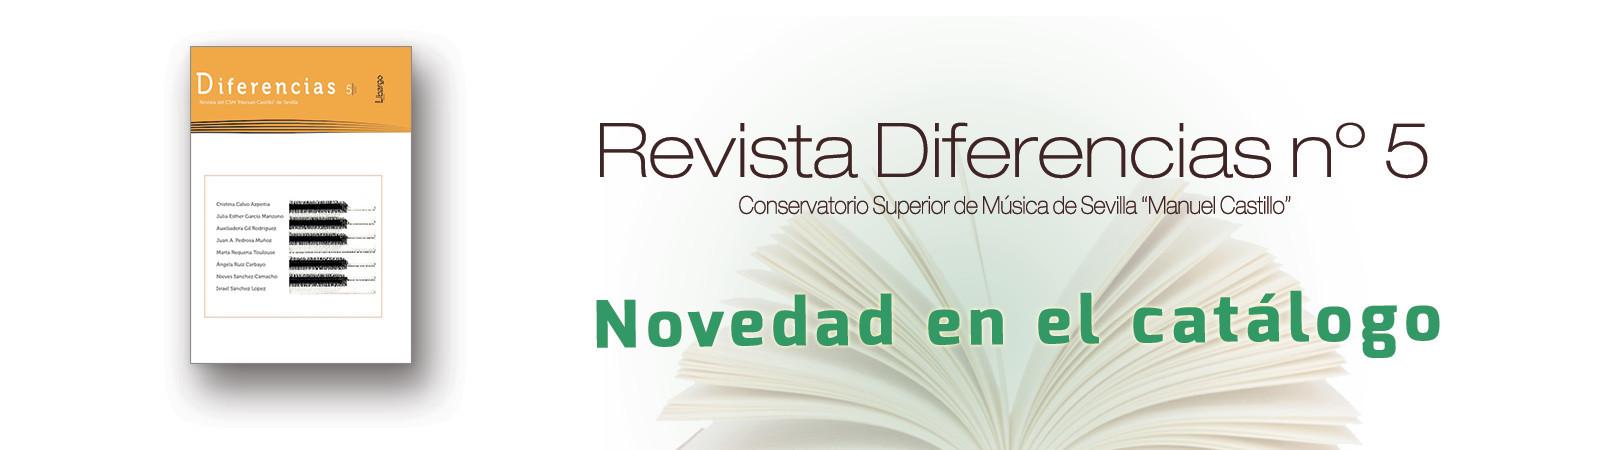 slide-novedad-diferencias